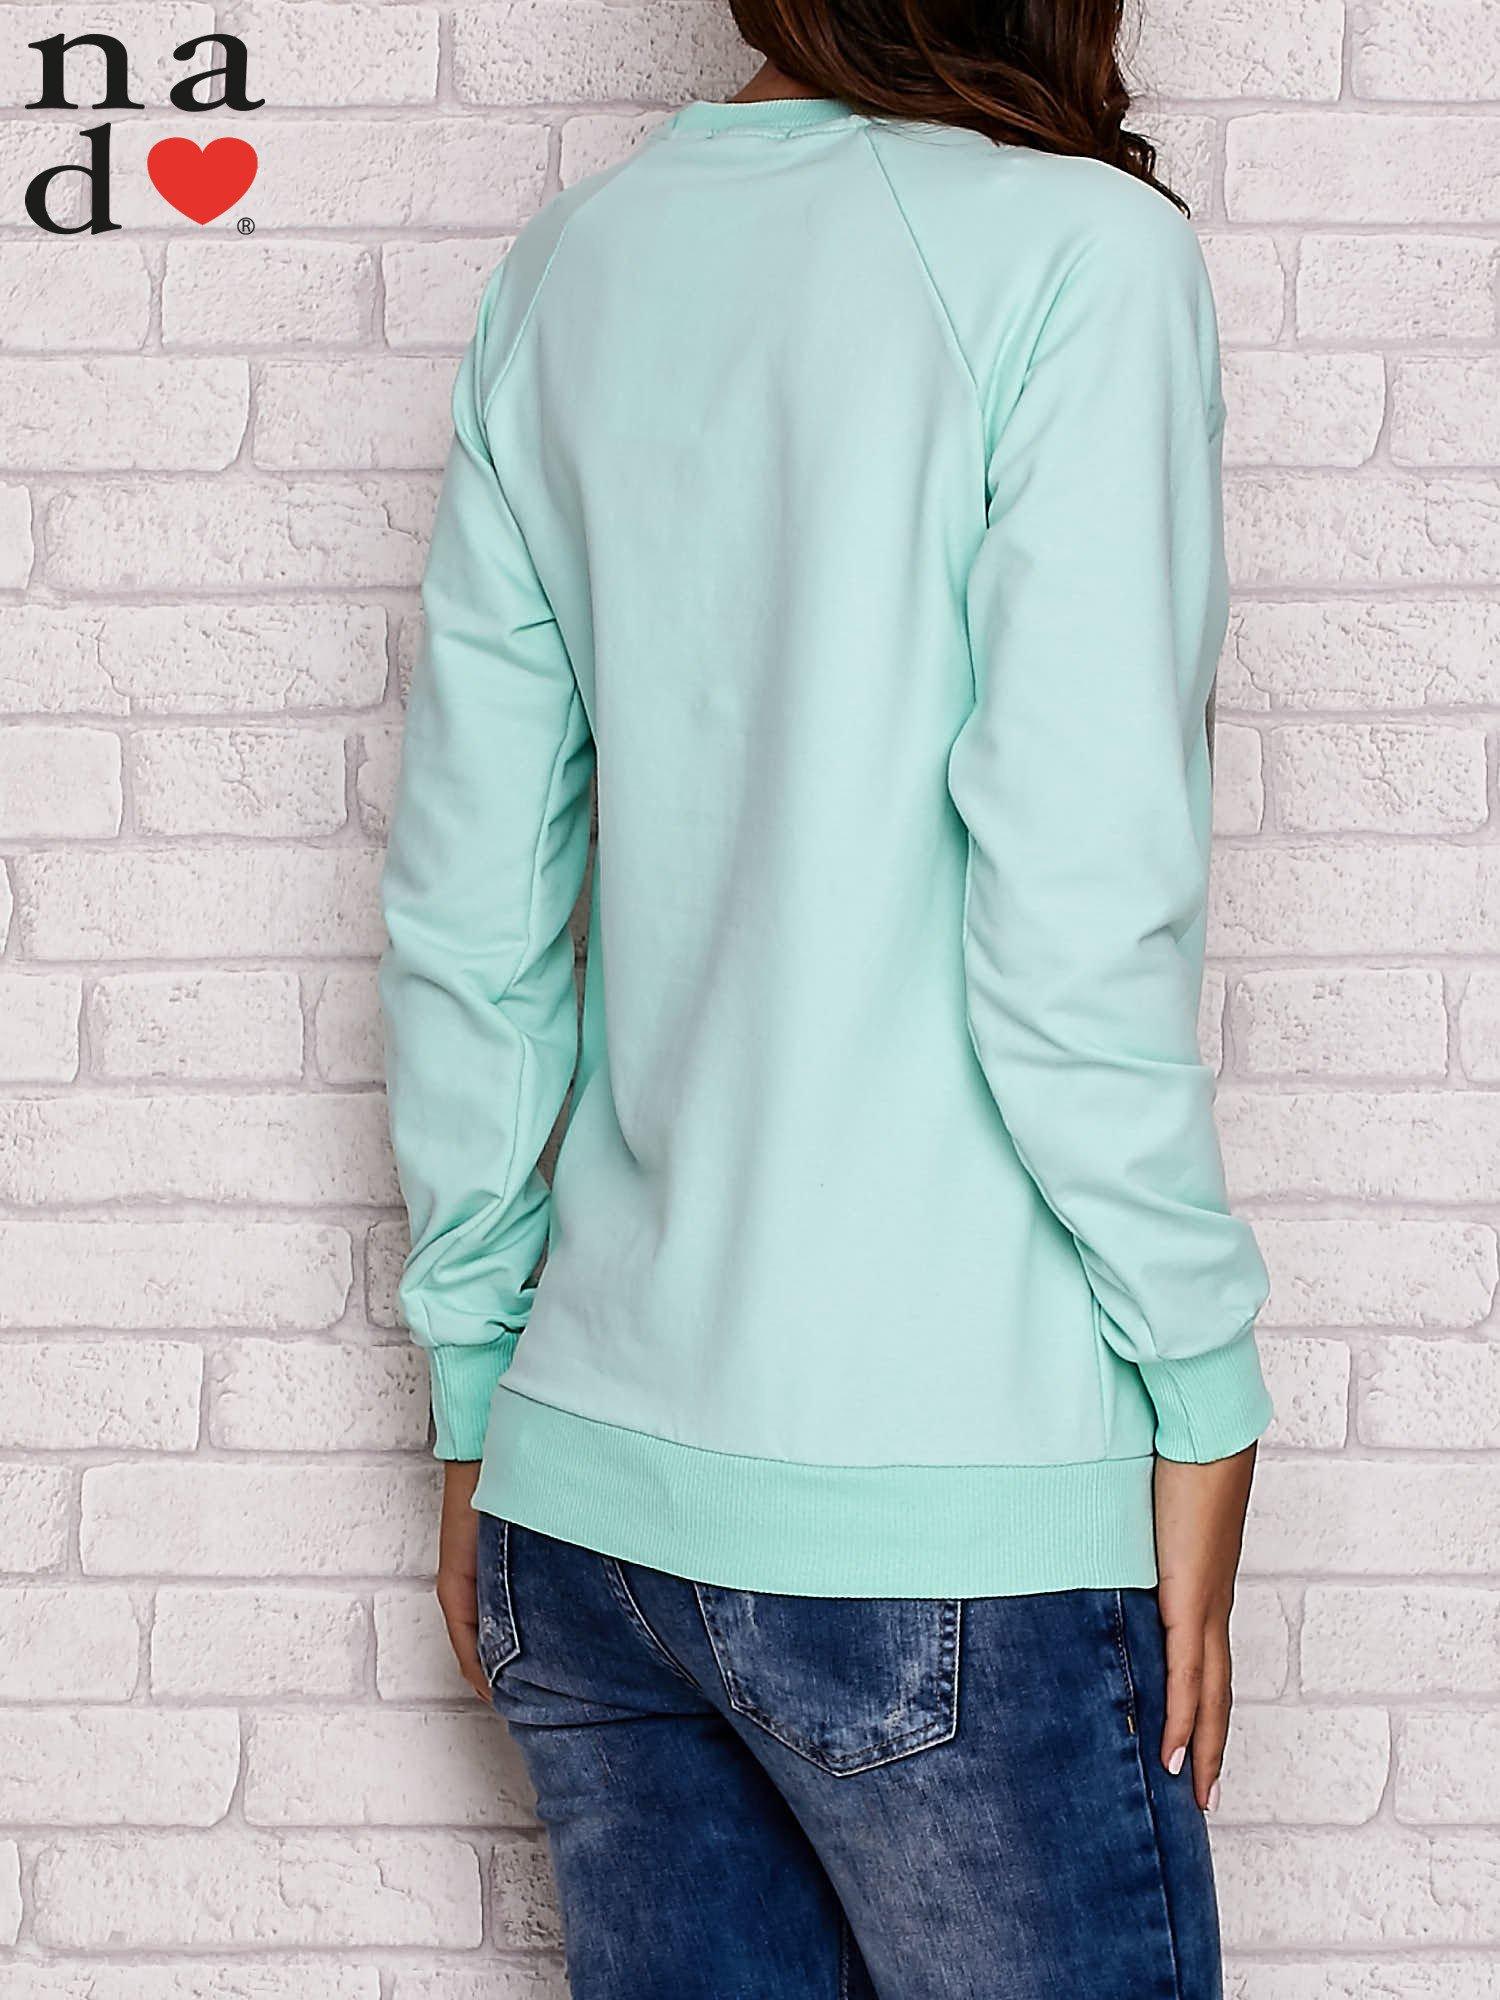 Miętowa bluza z serduszkami                                  zdj.                                  4